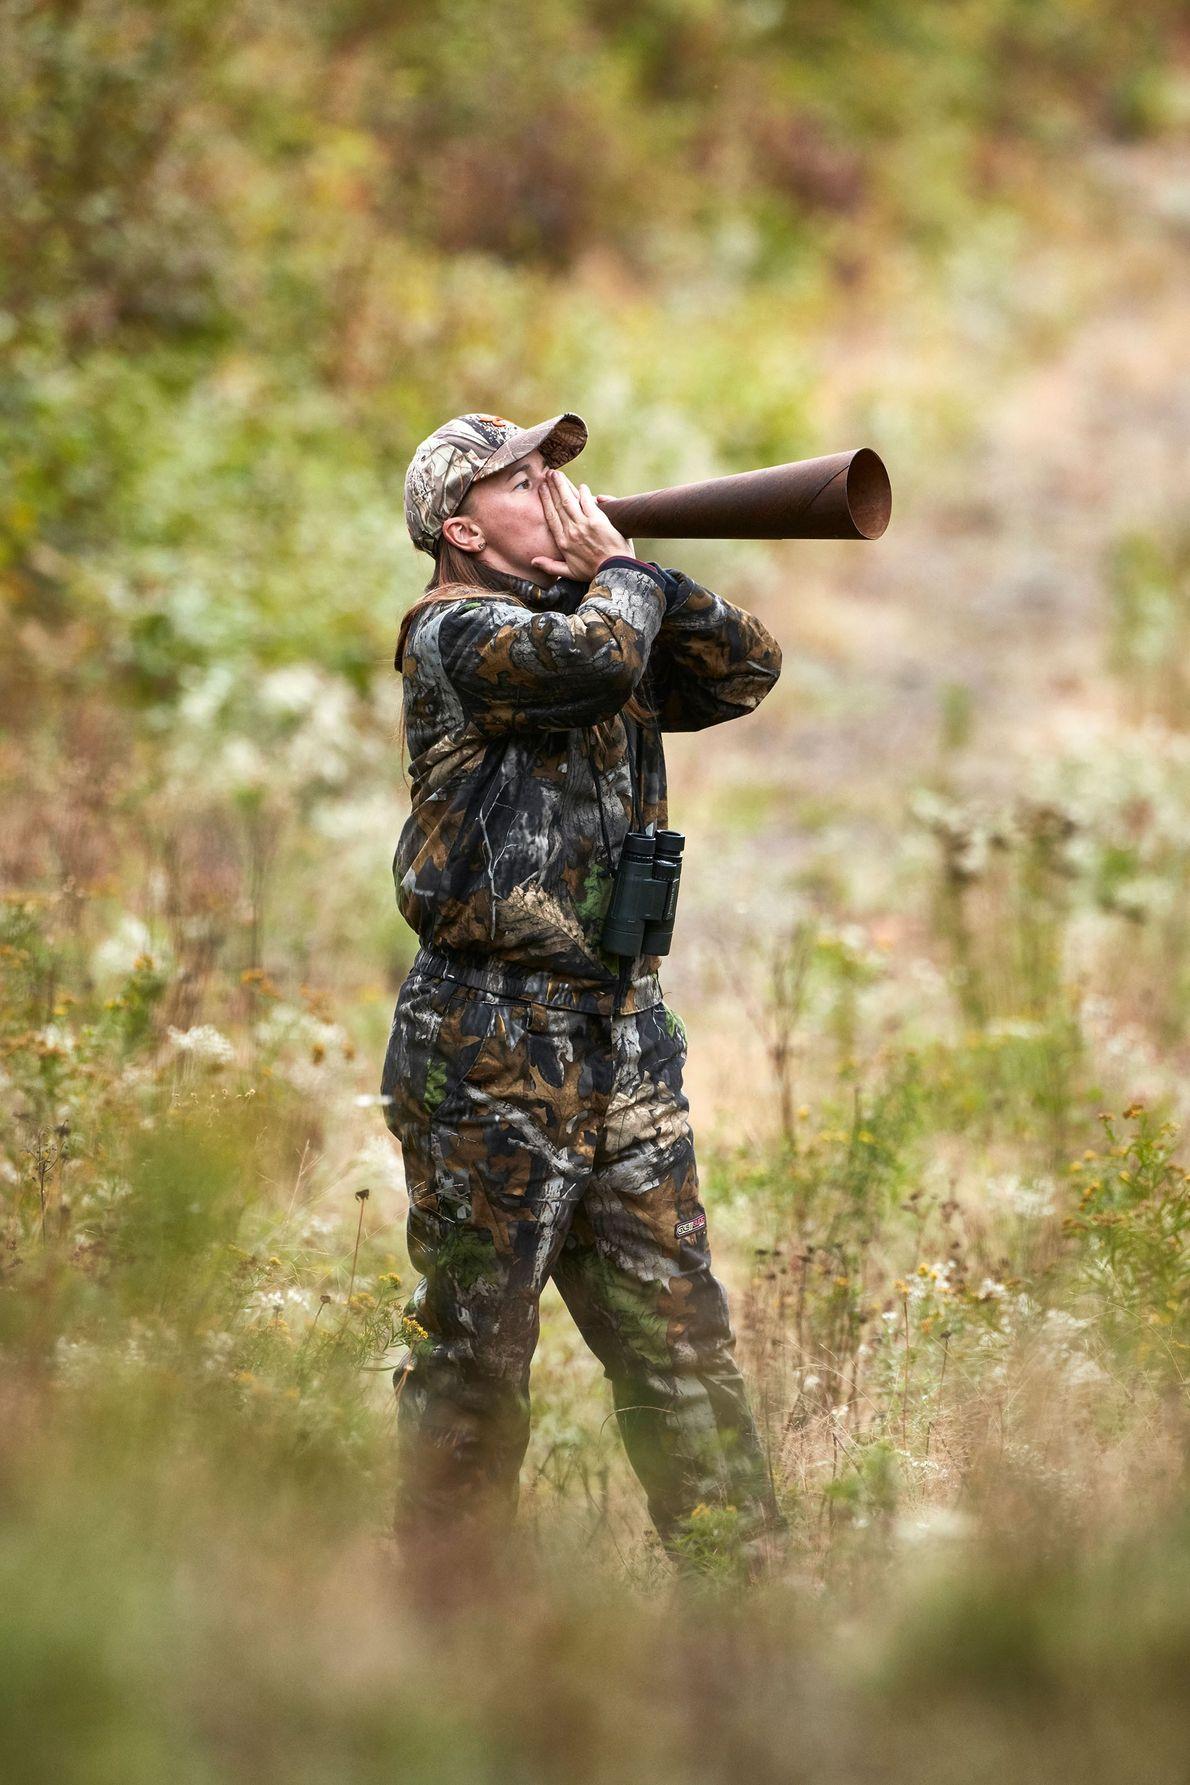 Nancy Boucher, a moose caller, mimics moose calls amplified through a cone.